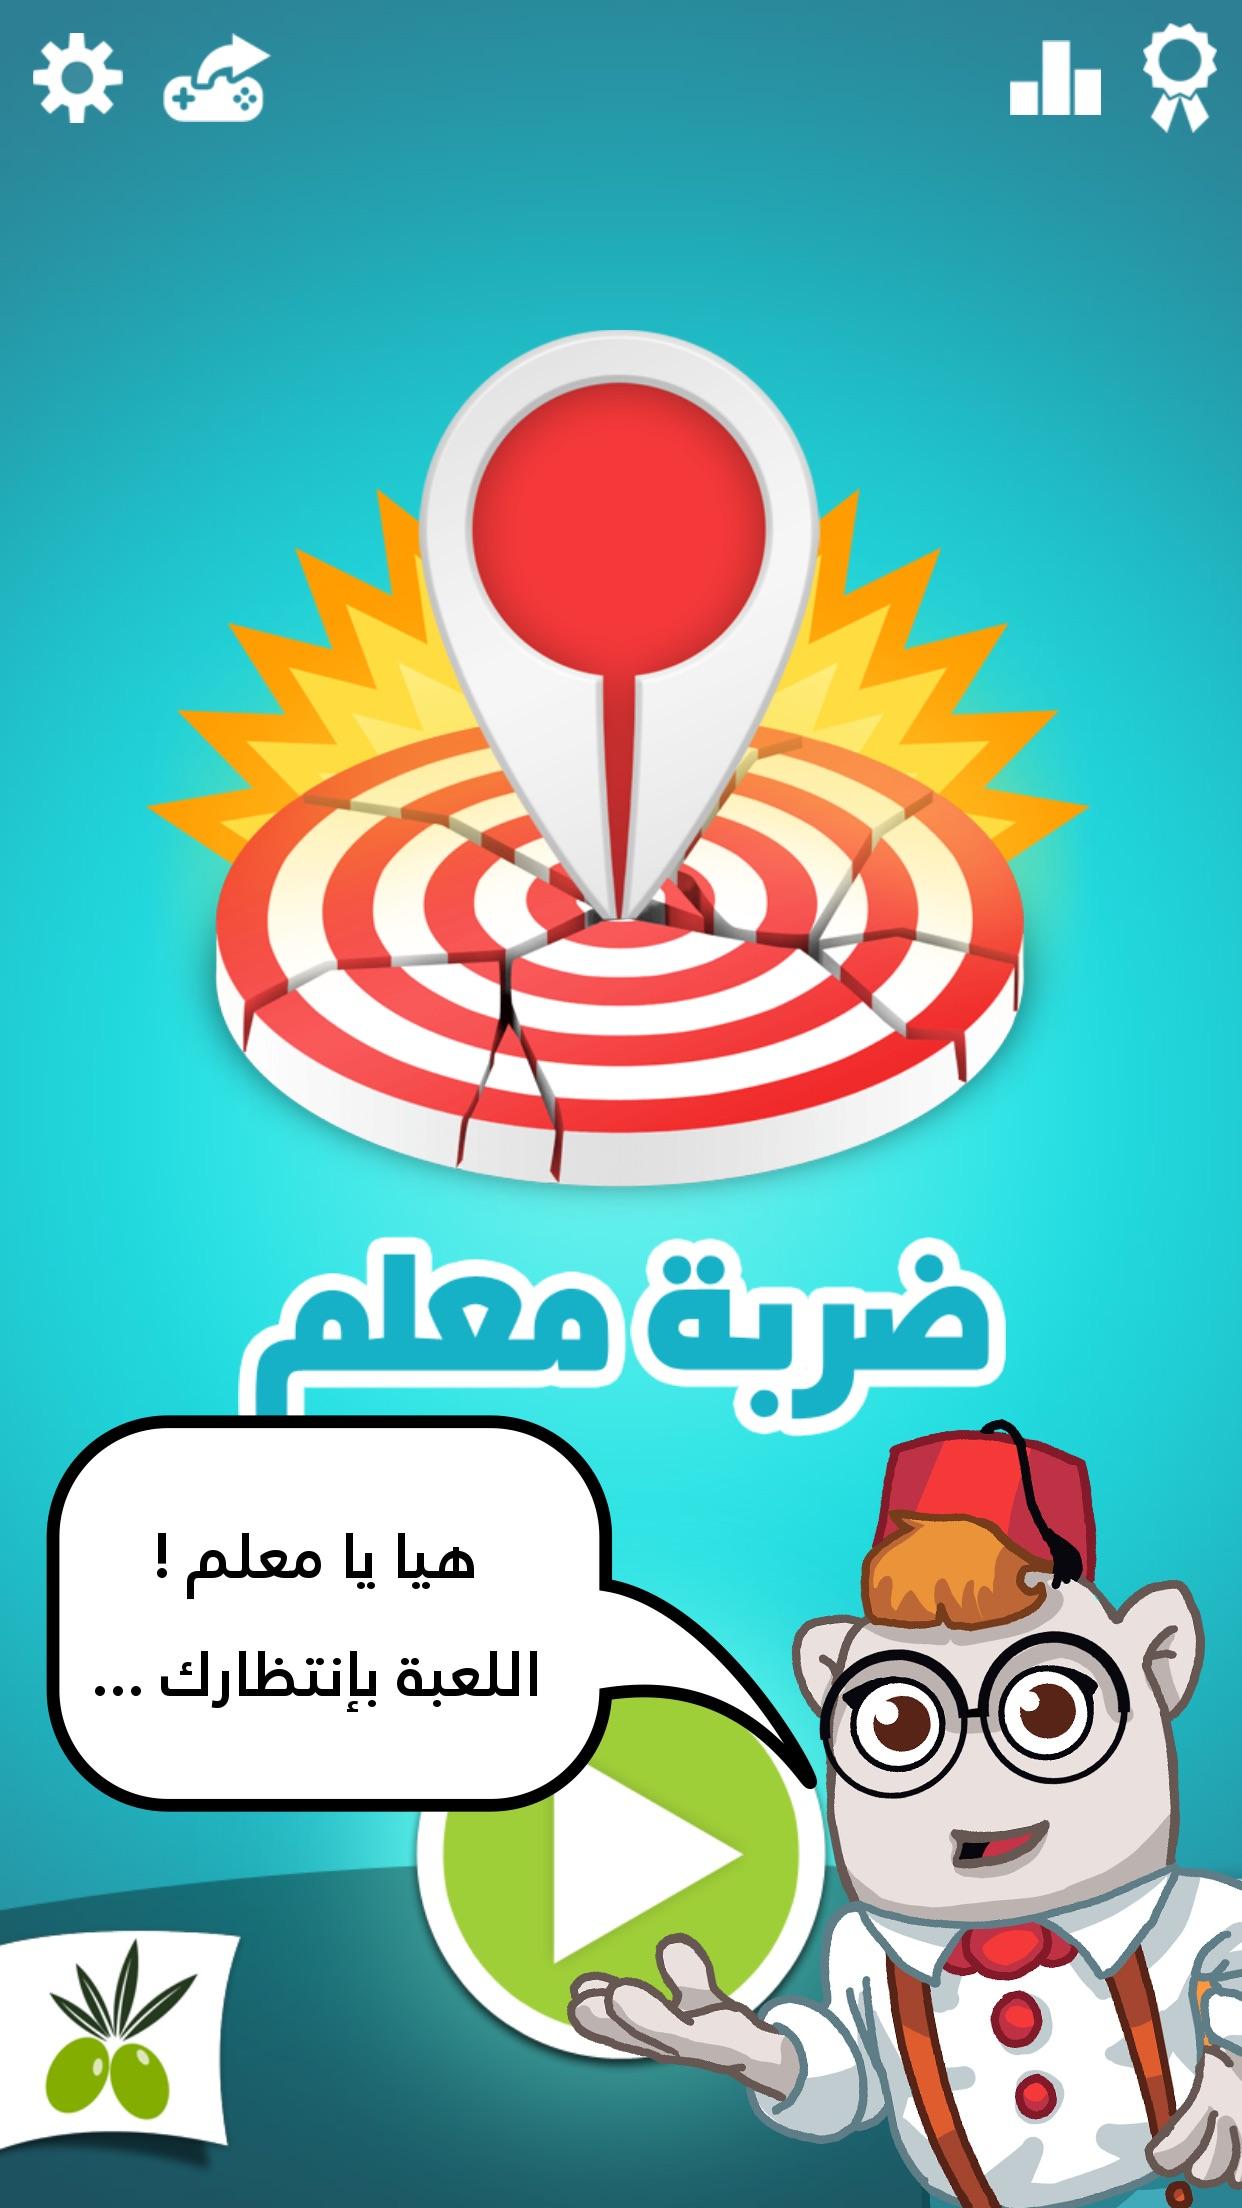 ضربة معلم - لعبة الغاز ذكاء ثقافة تسلية من زيتونة Screenshot